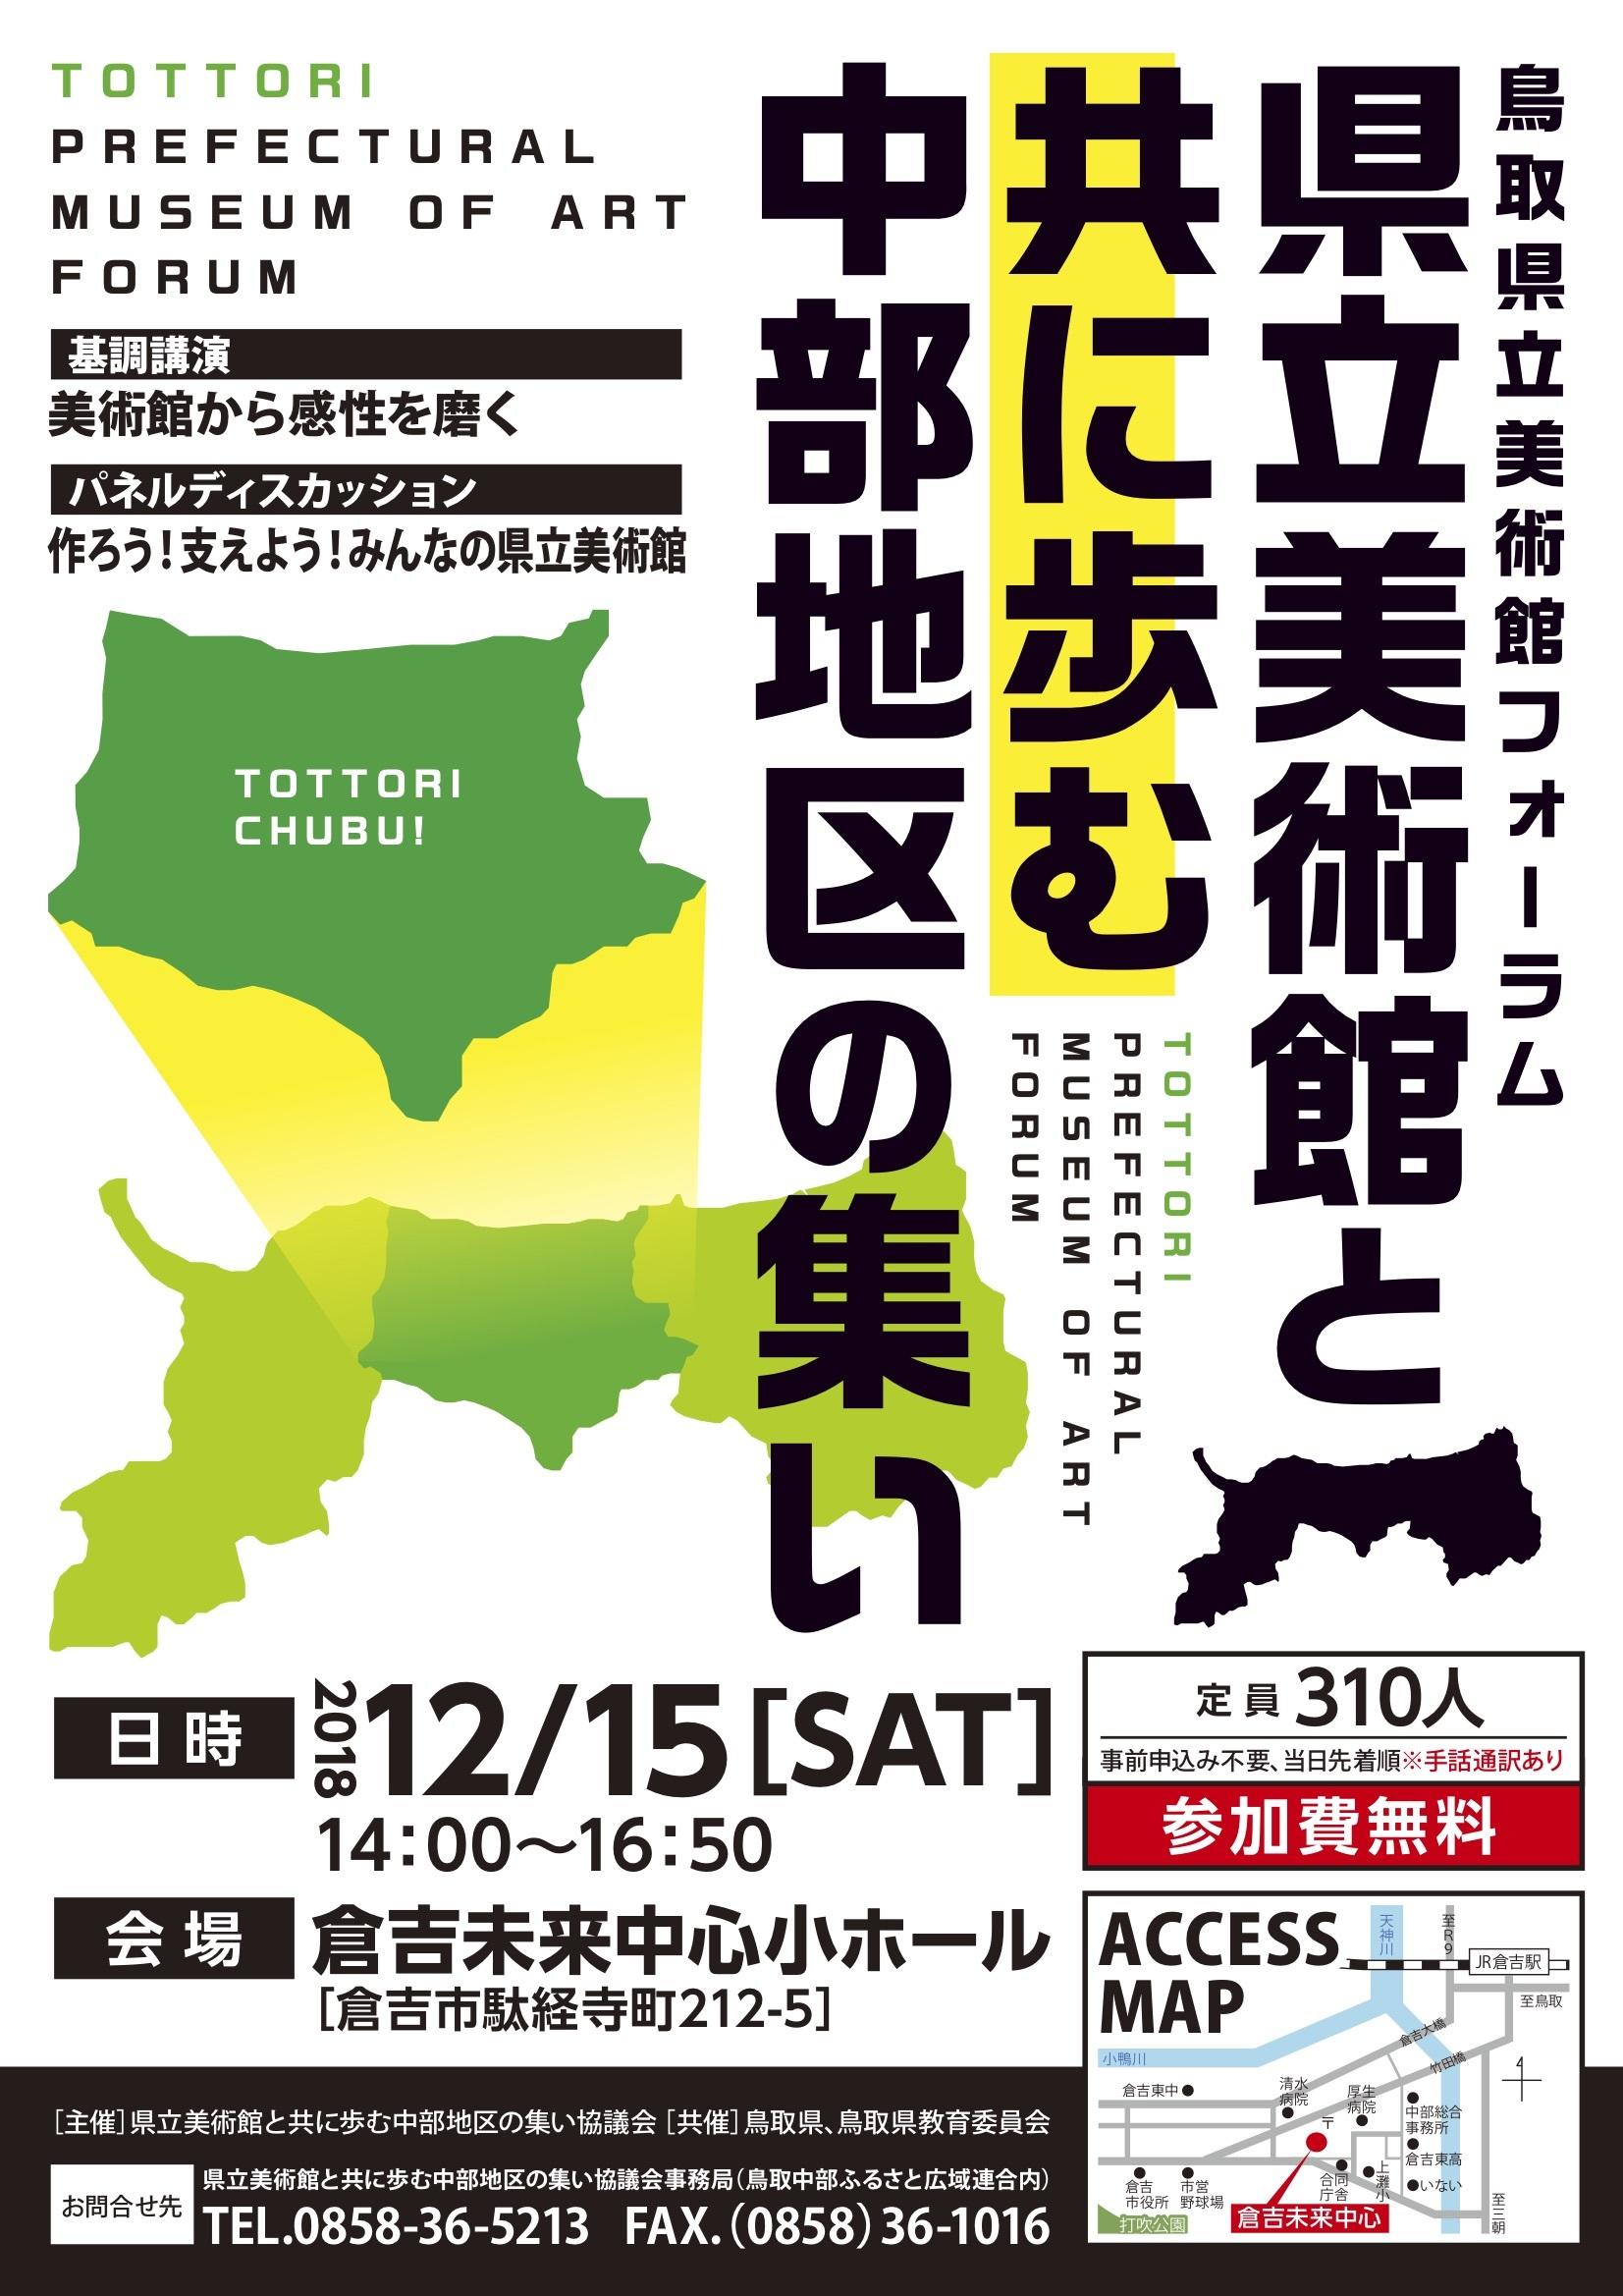 ●鳥取県立美術館フォーラムチラシ